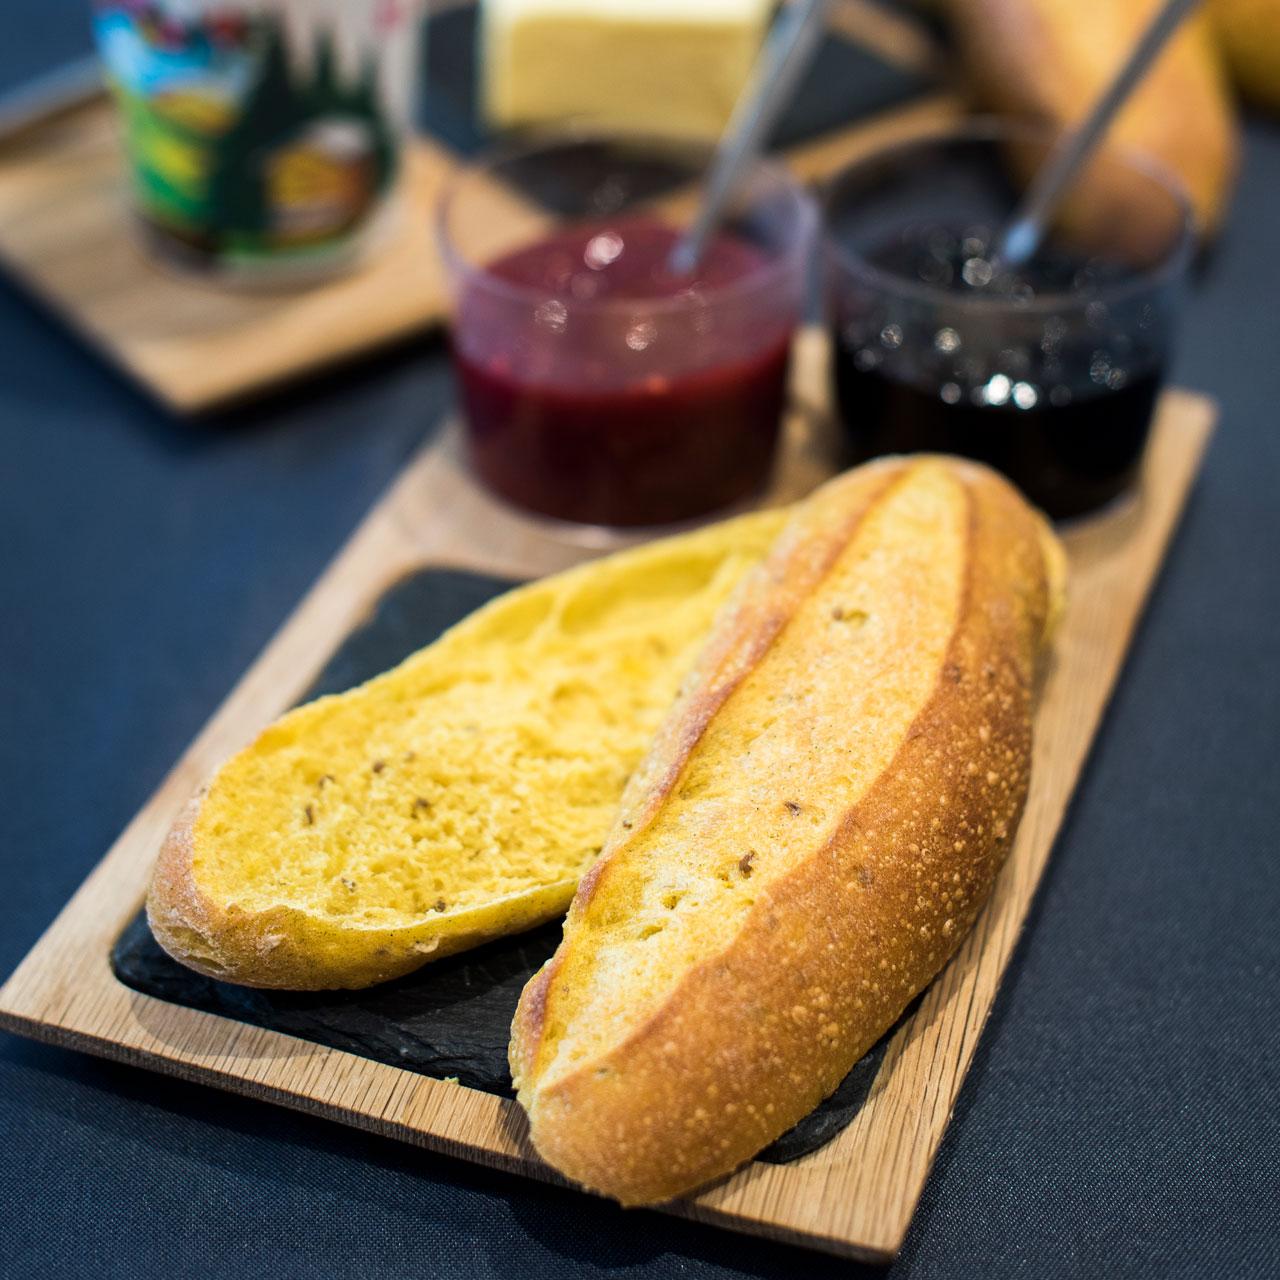 Bescoin pain à l'anis au Grand-Bornand - © © D. Machet